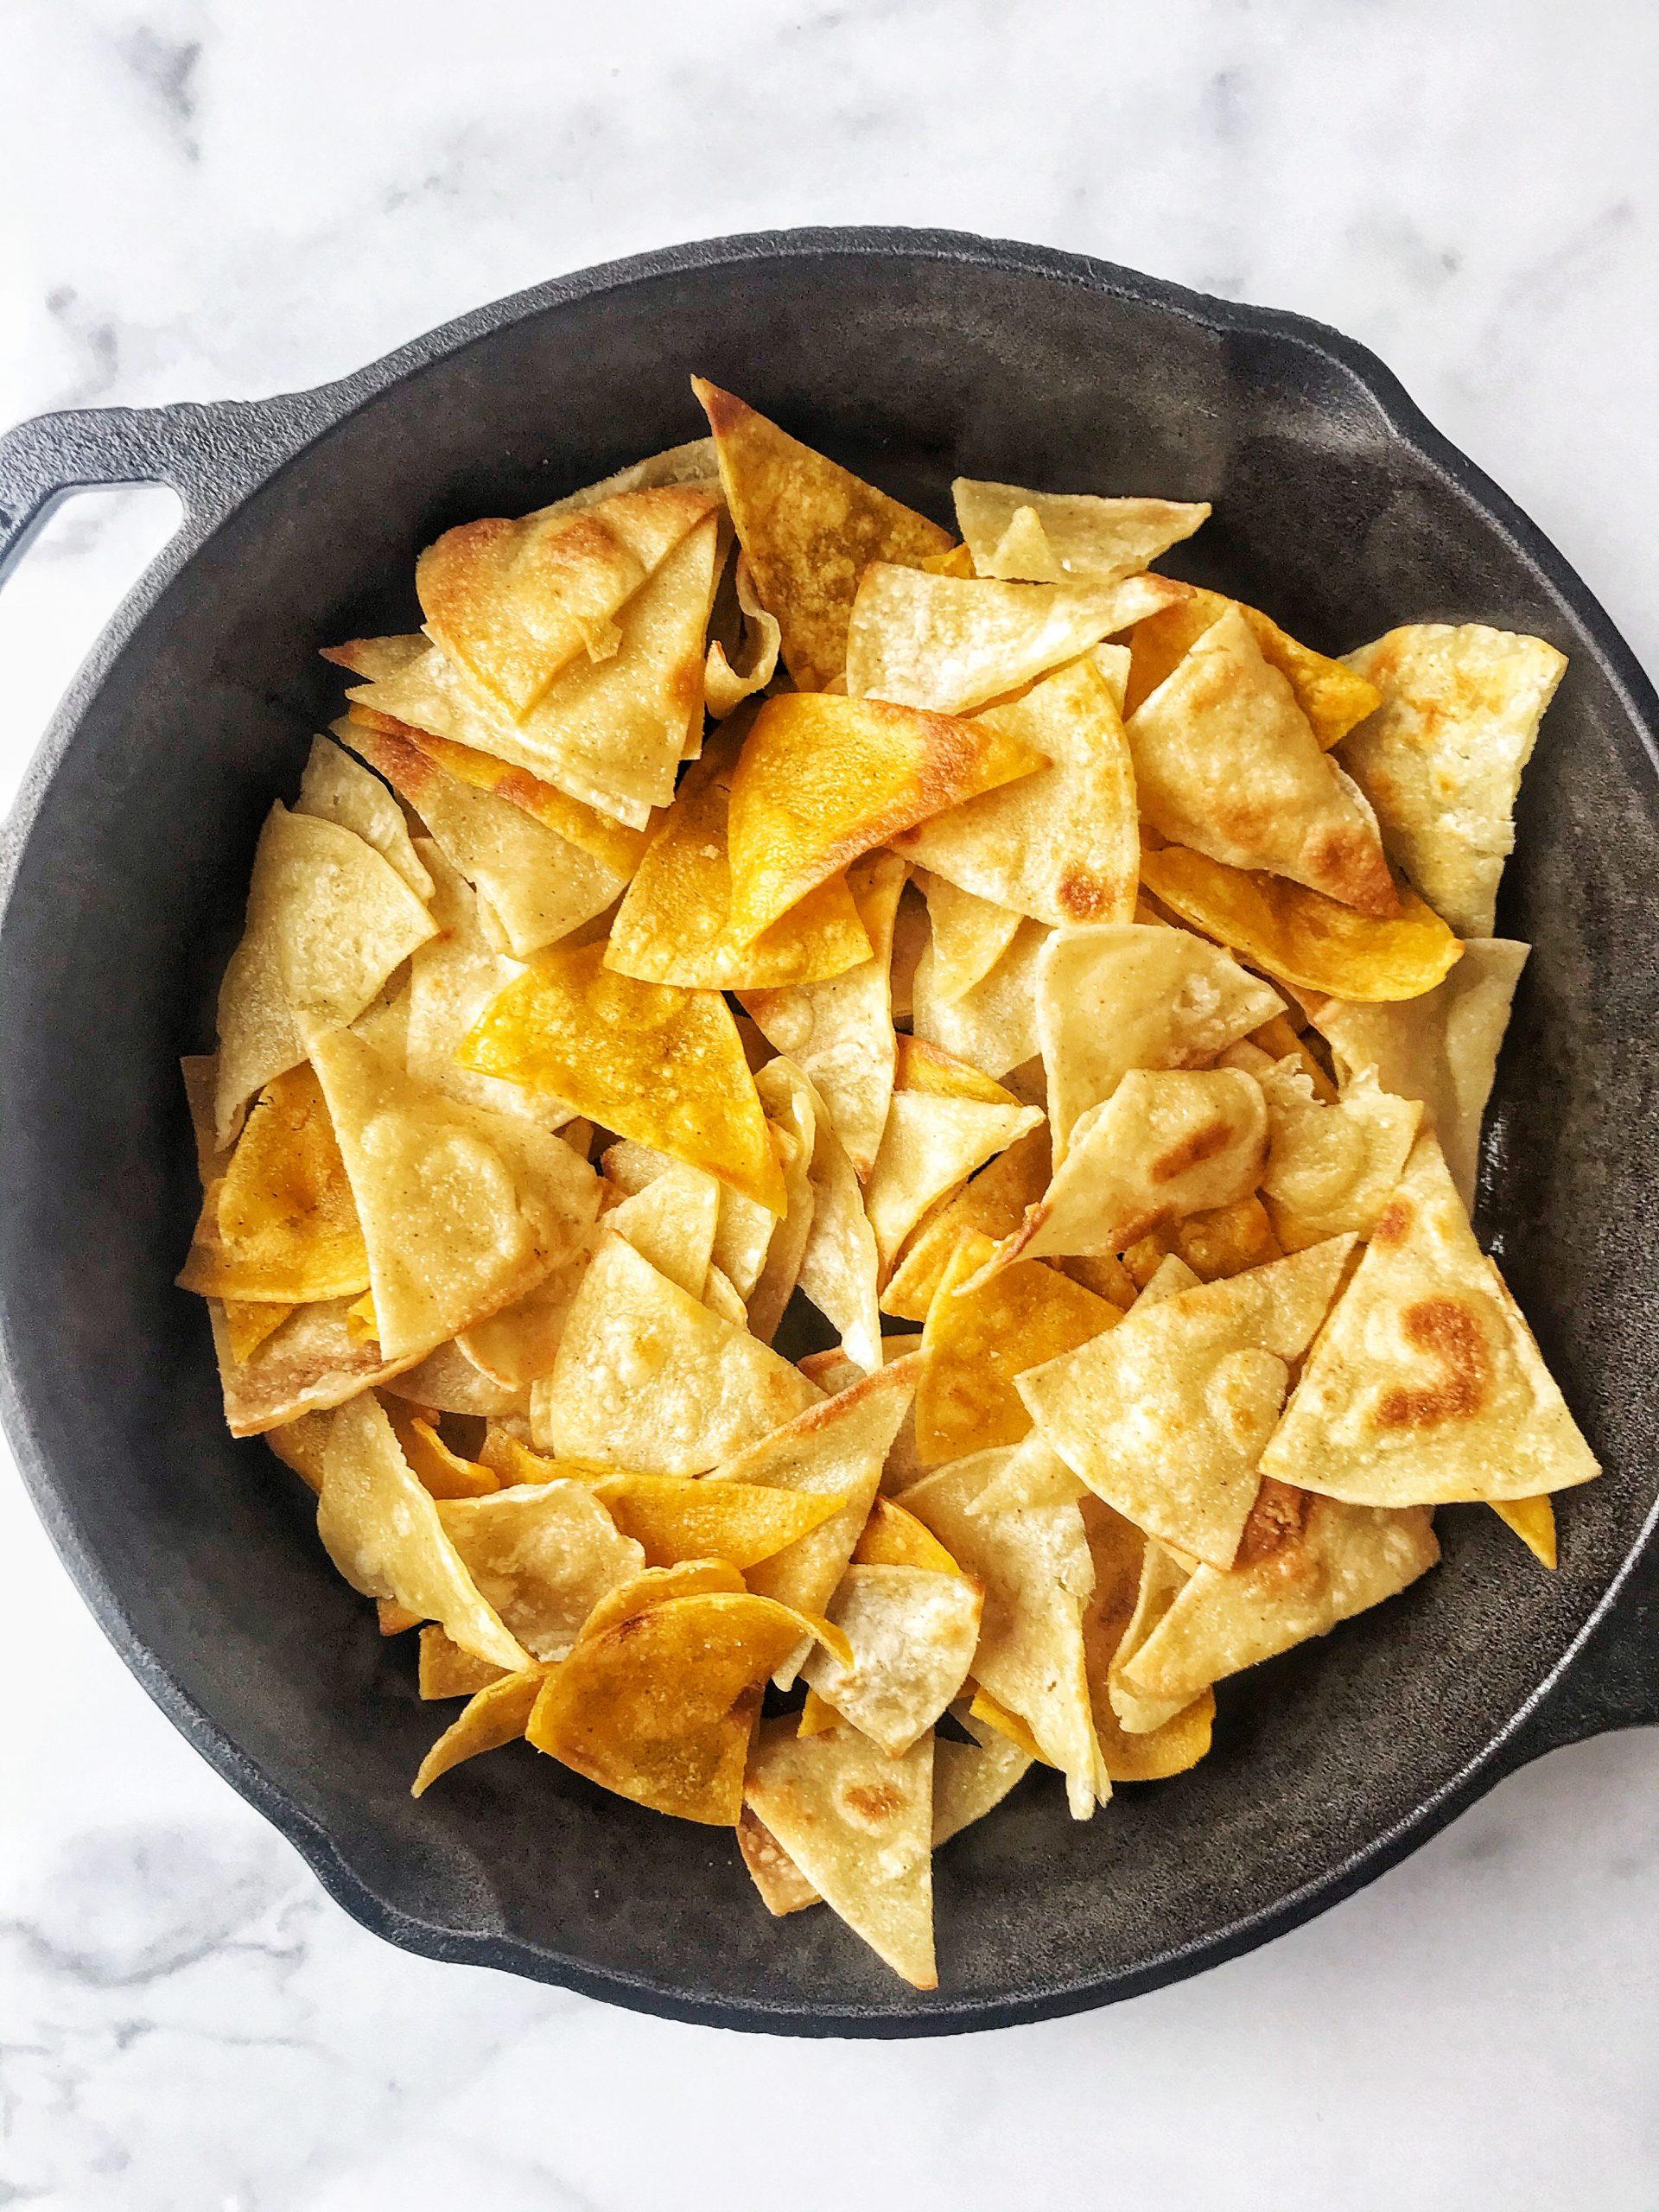 Fried tortillas; tortilla chips in cast iron skillet